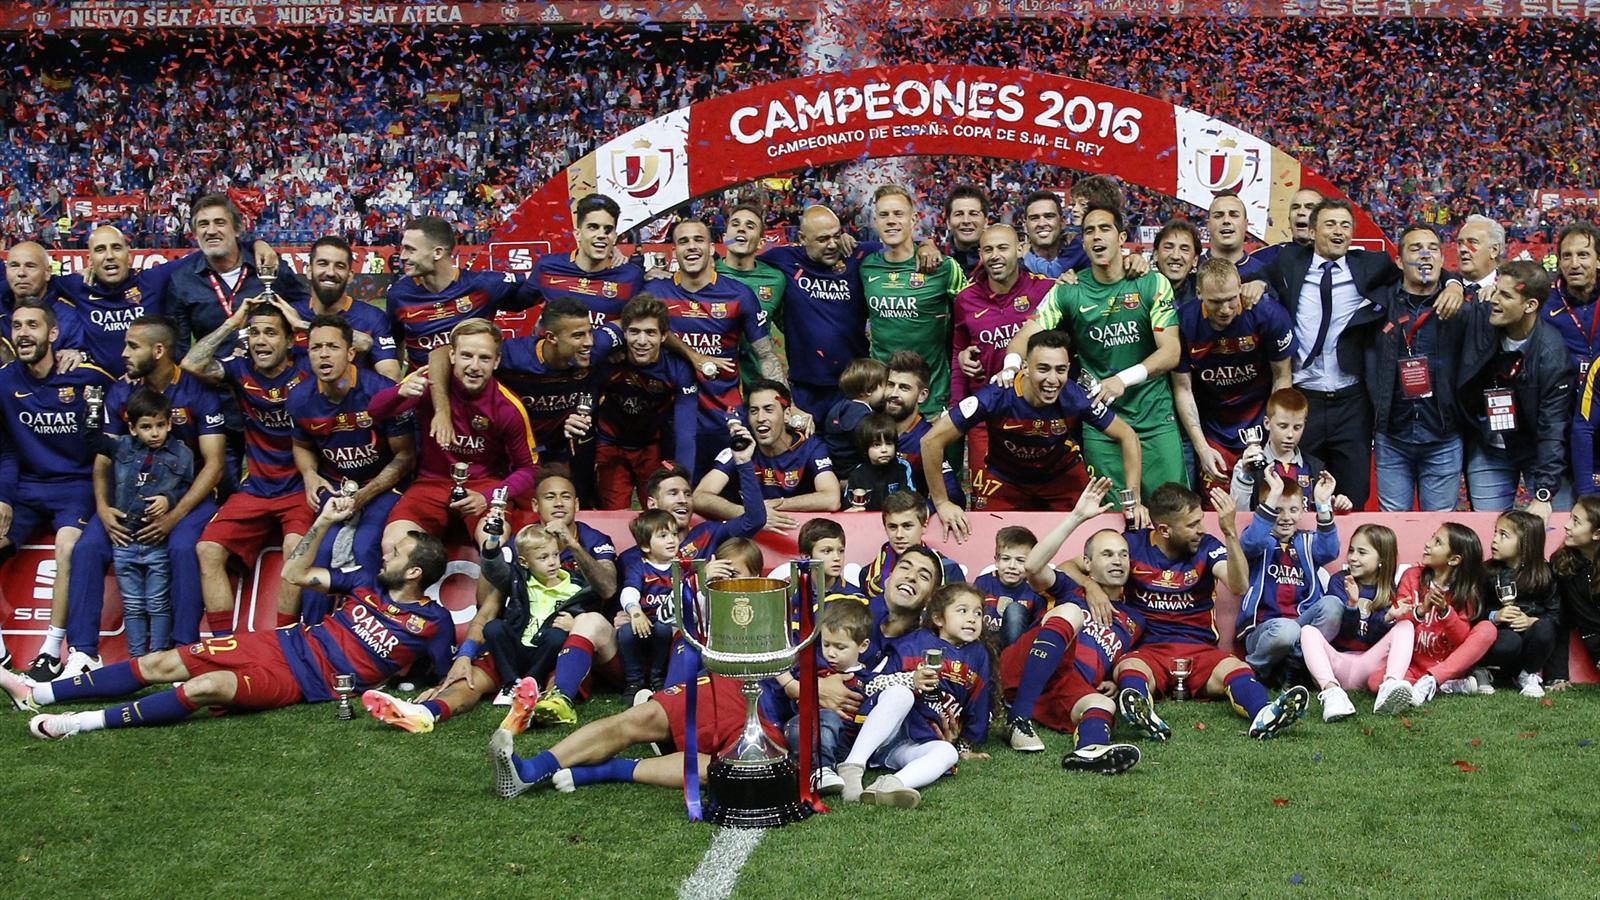 Barcelona take trophy after Neymar and Jordi Alba score in ...